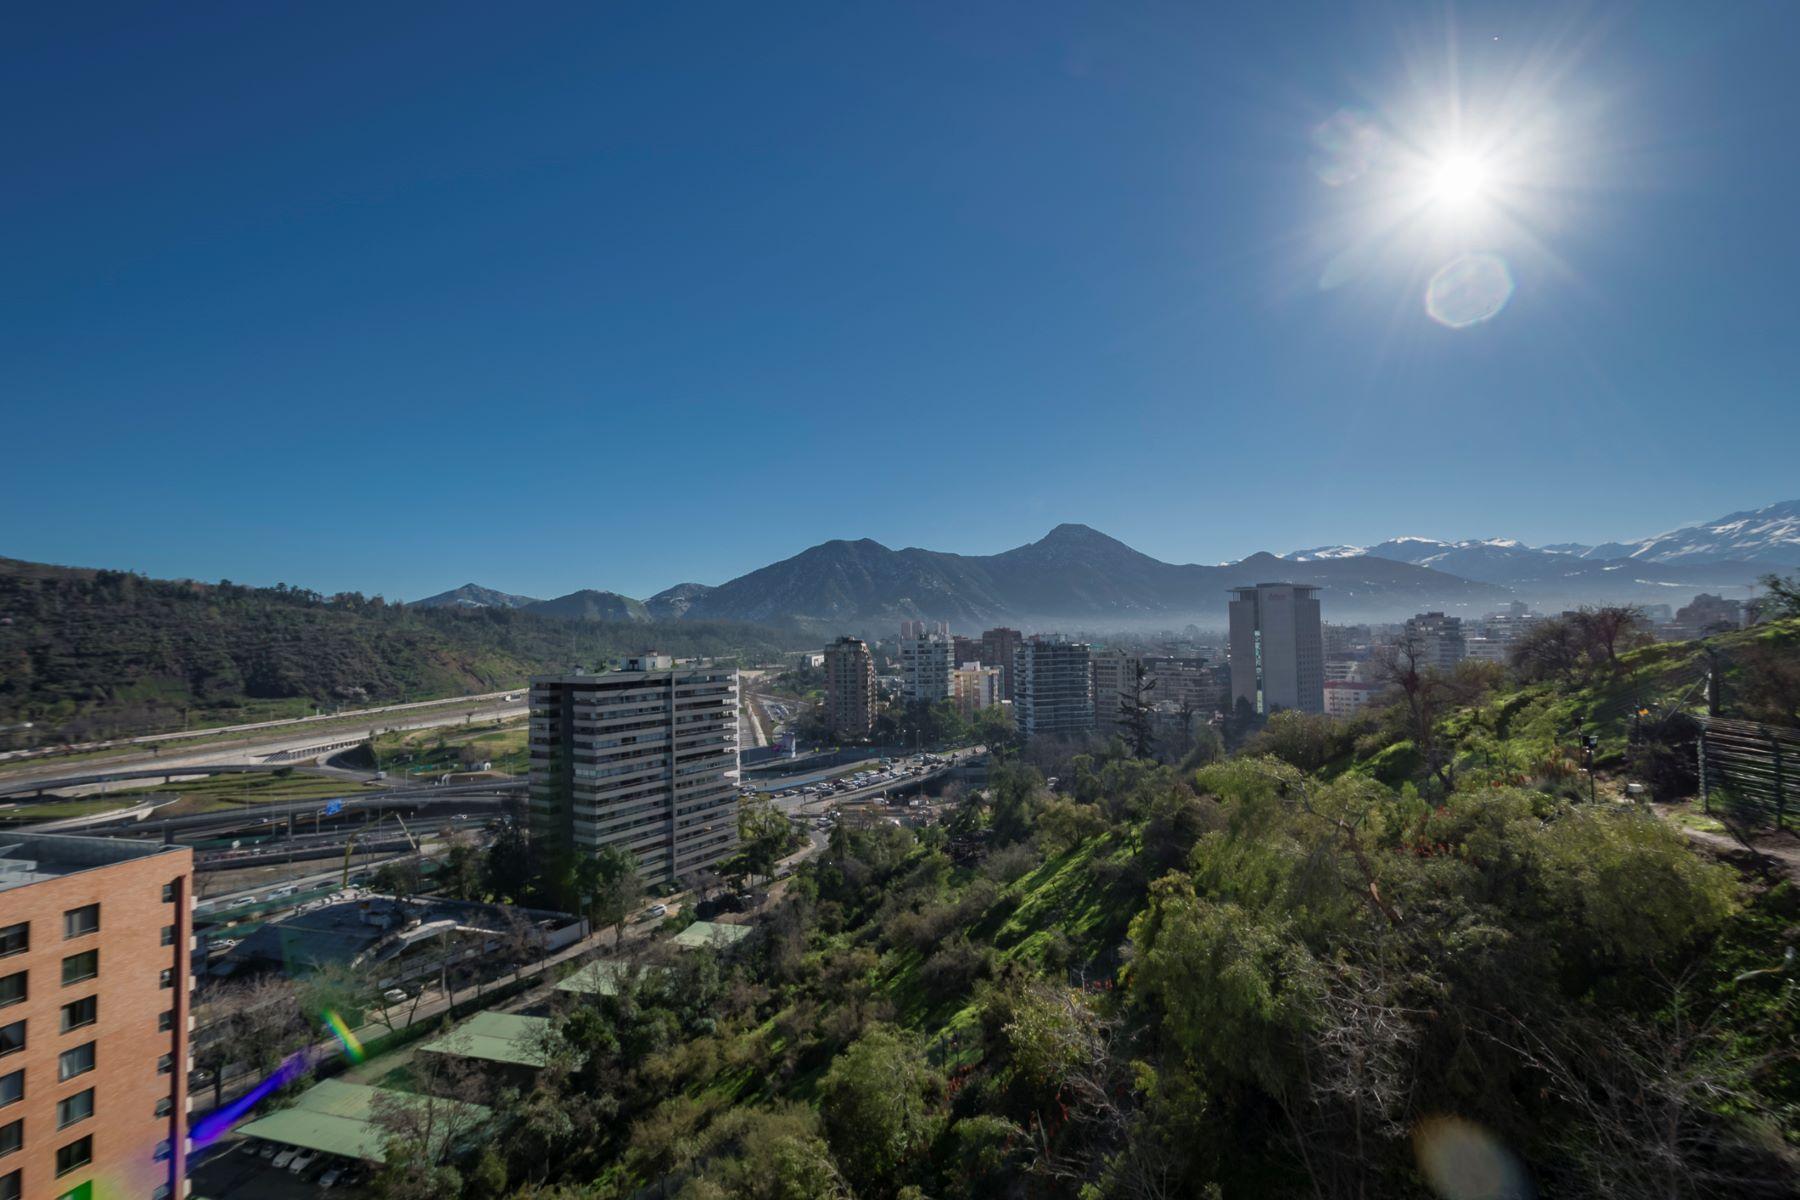 Departamento por un Alquiler en Exclusivo Departamento en Torre de Lujo Junto a Club de Golf Santiago, Region Metropolitana De Santiago Chile